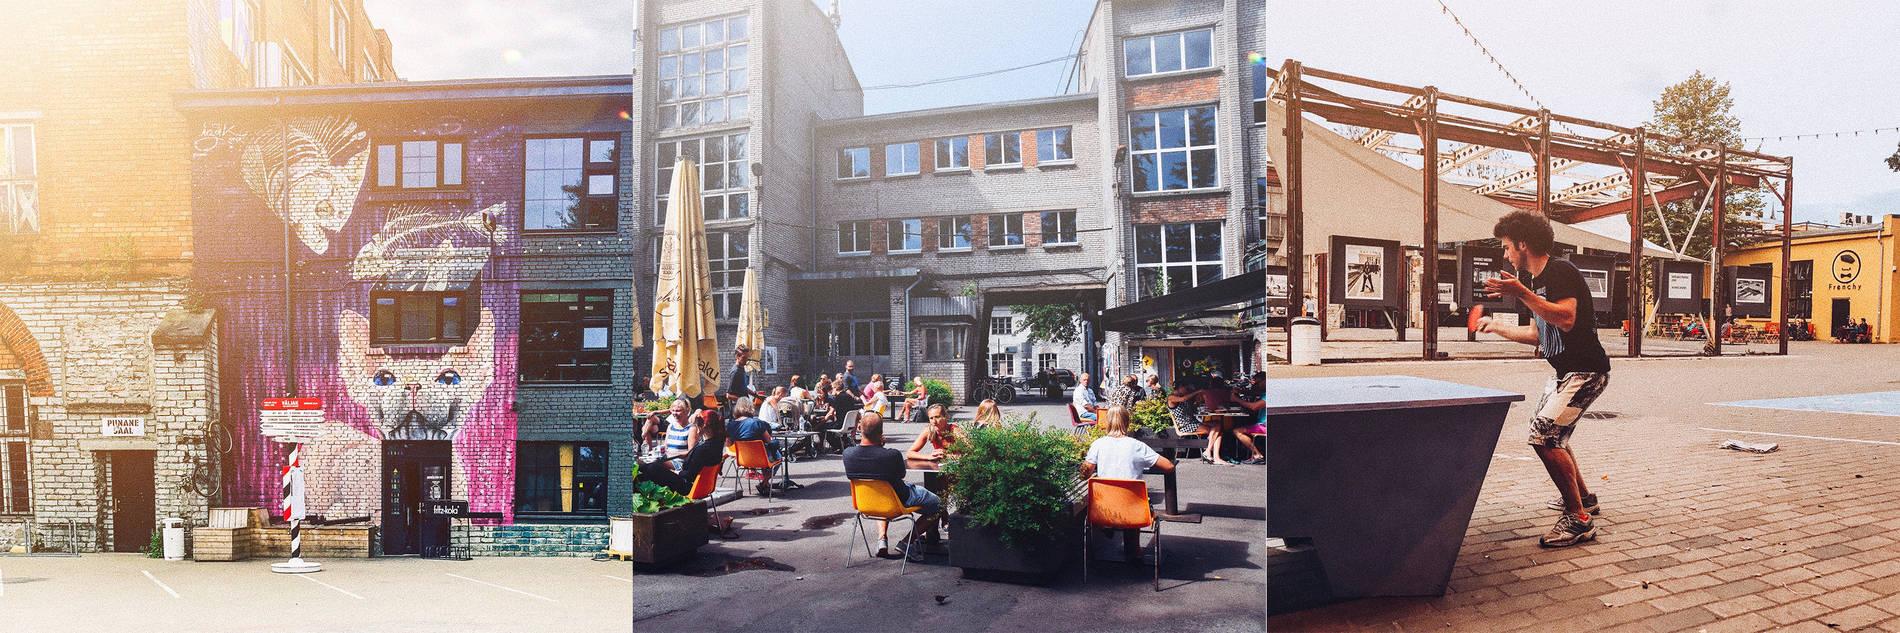 e992301f43b The best Instagram spots in Tallinn - VisitTallinn